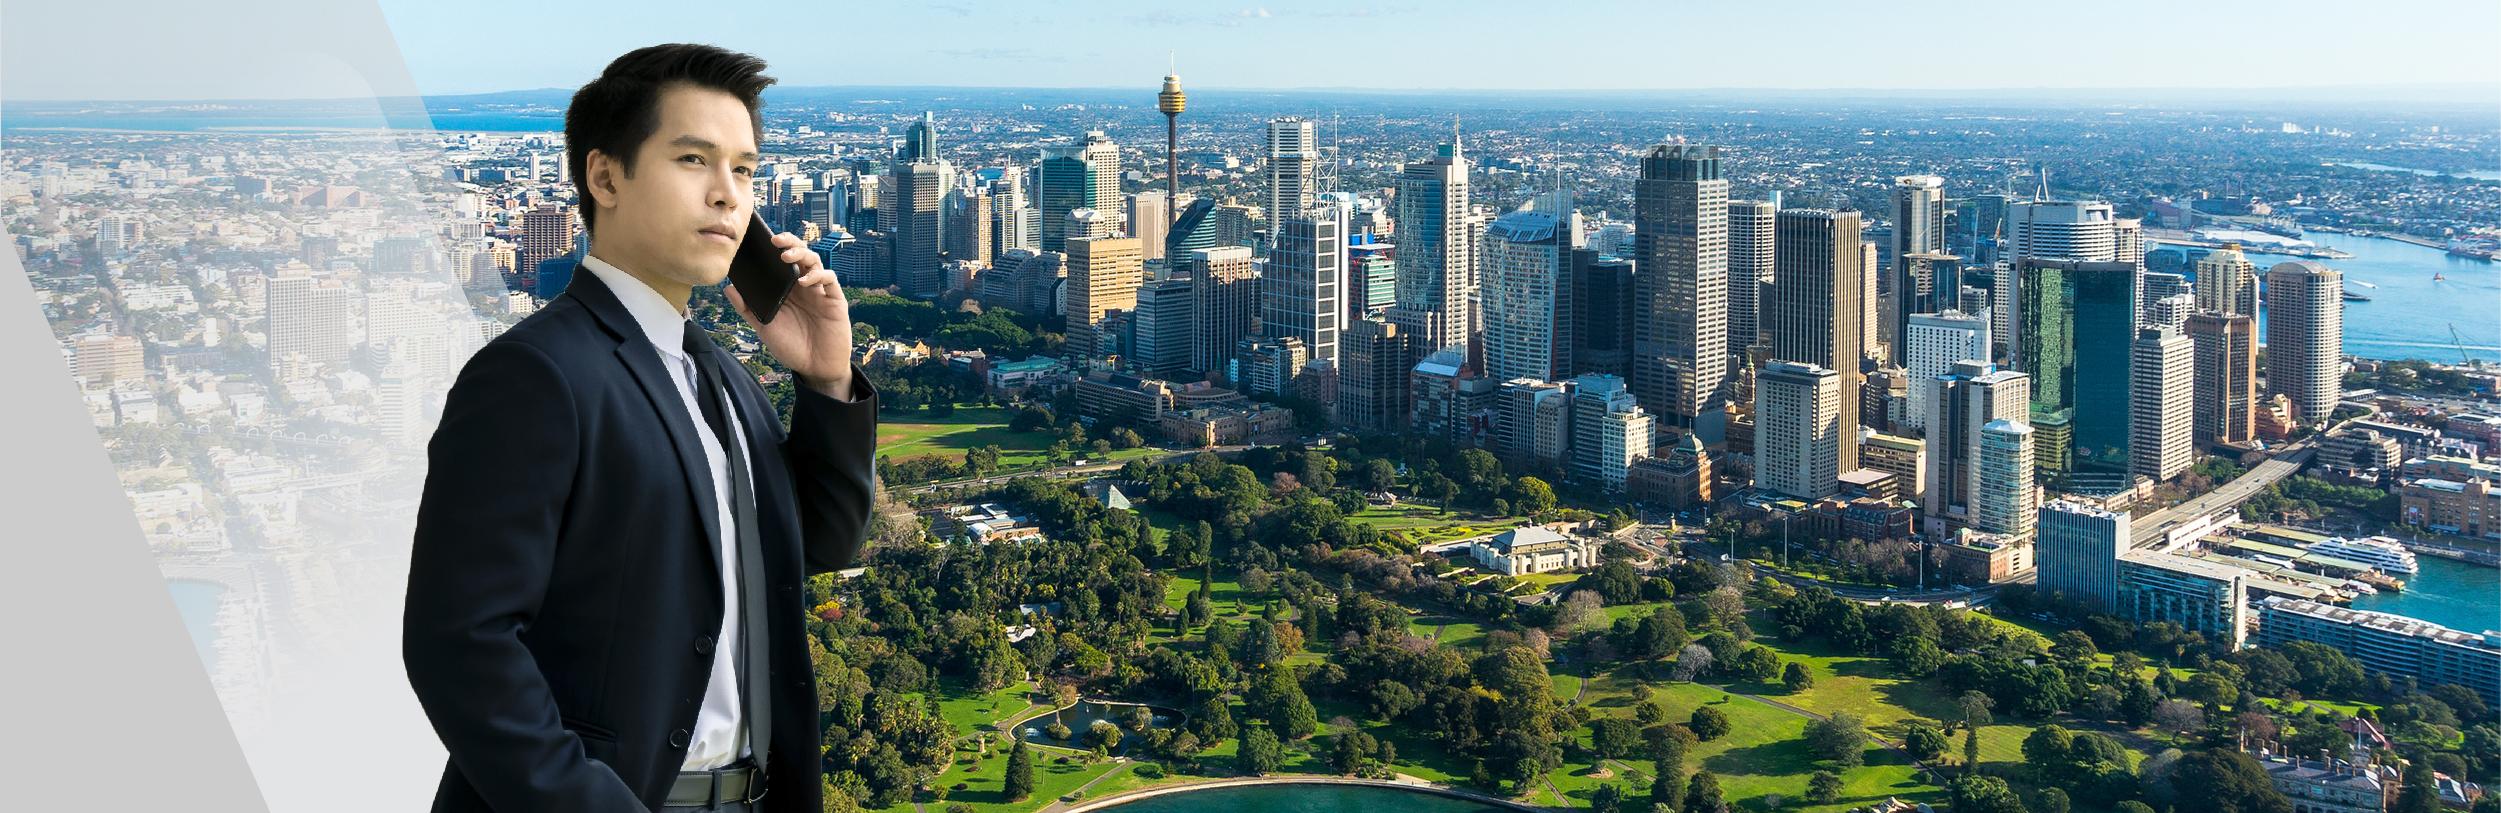 Định cư Úc theo diện Doanh nhân đổi mới (Visa 188A & 888A) Áp dụng từ 01/07/2021